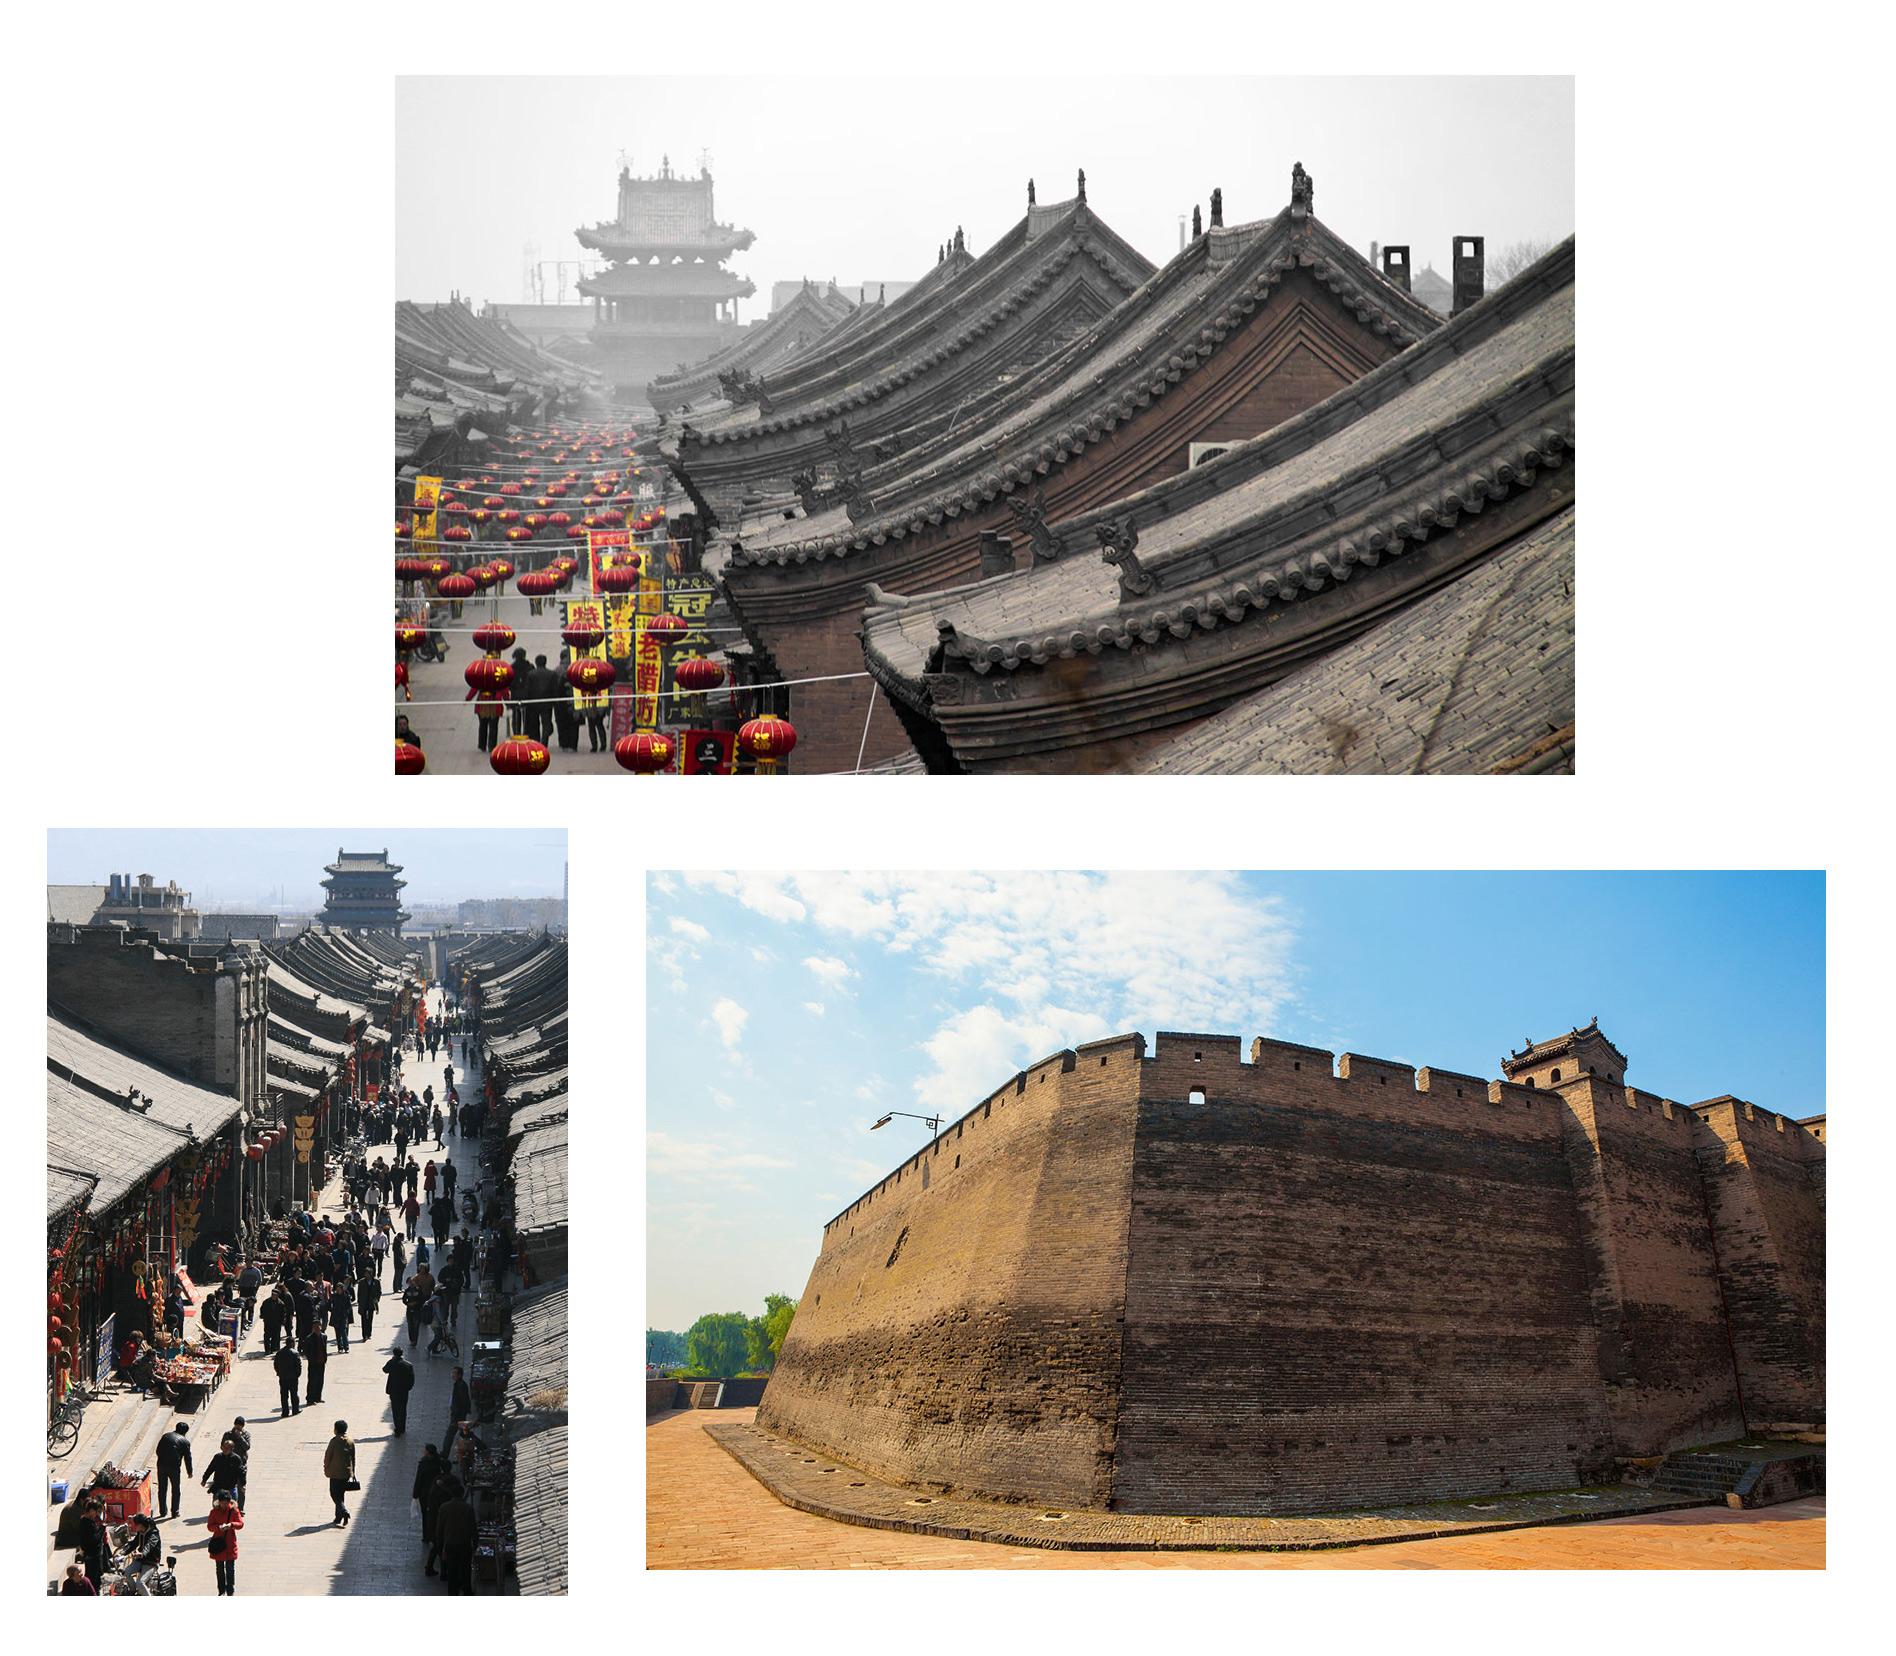 Hành trình khám phá những ngôi chùa cổ đầy bí ẩn ở Trung Quốc - 9